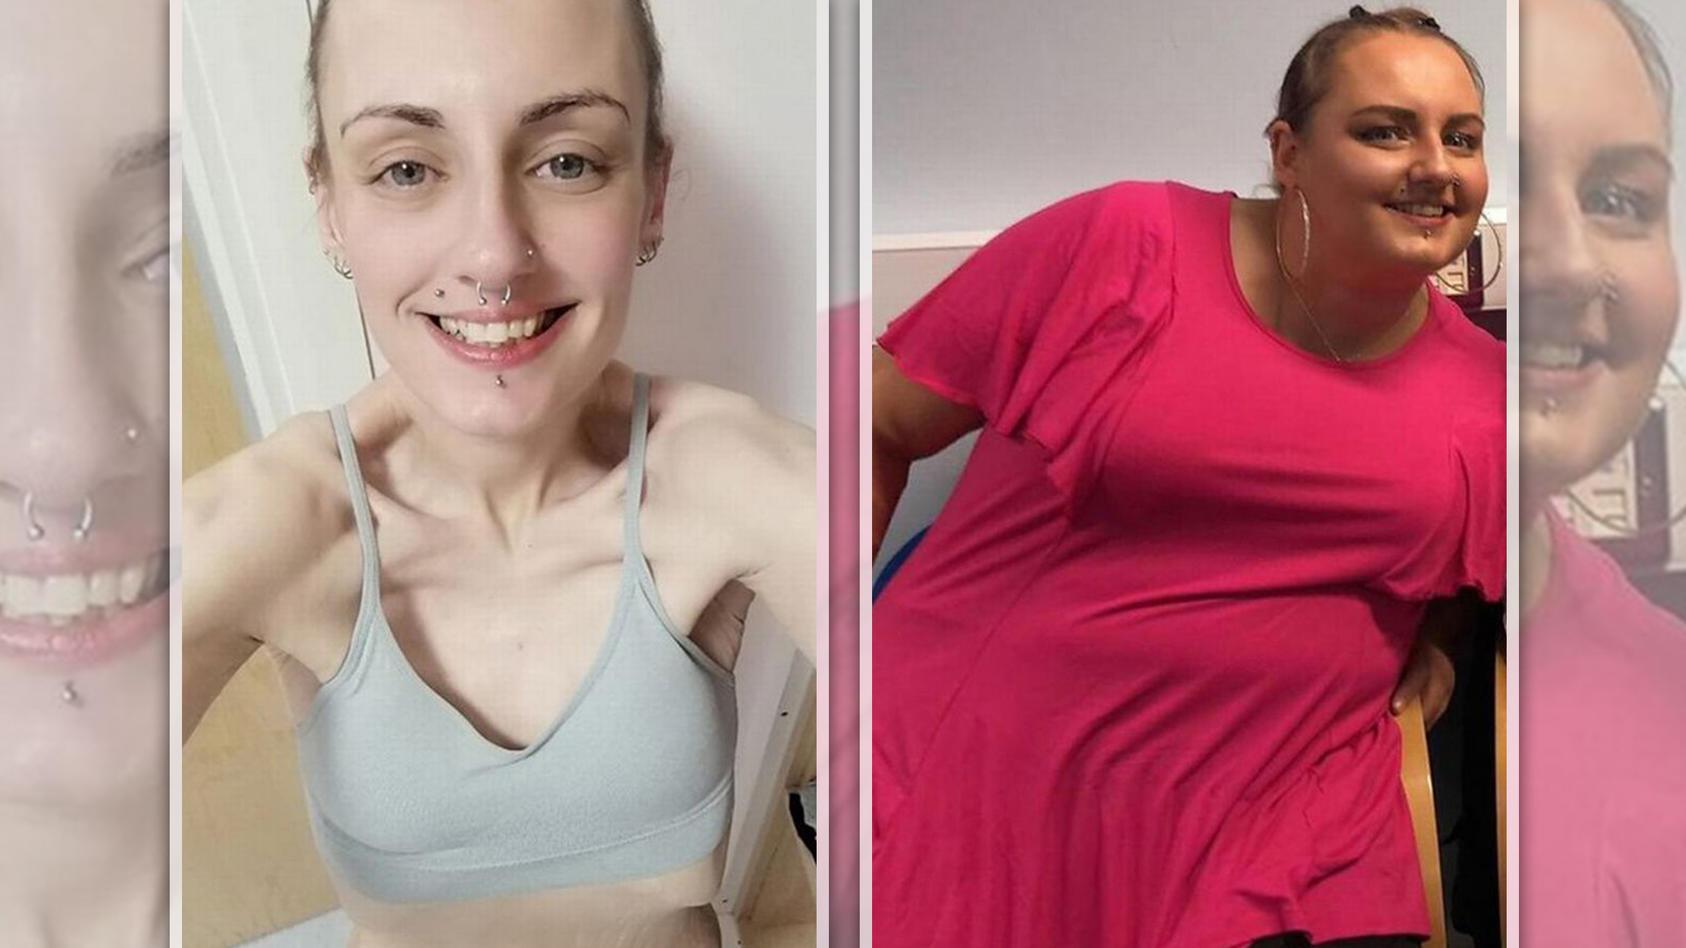 So (links) sieht Natalie nach einer 15-monatigen Diät aus. Sie wiegt nur noch 47 Kilo. Während dieser Diät ernährt sie sich nur von Abführmittel und Cola. Vorher (rechts) wog sie um die 120 Kilo.